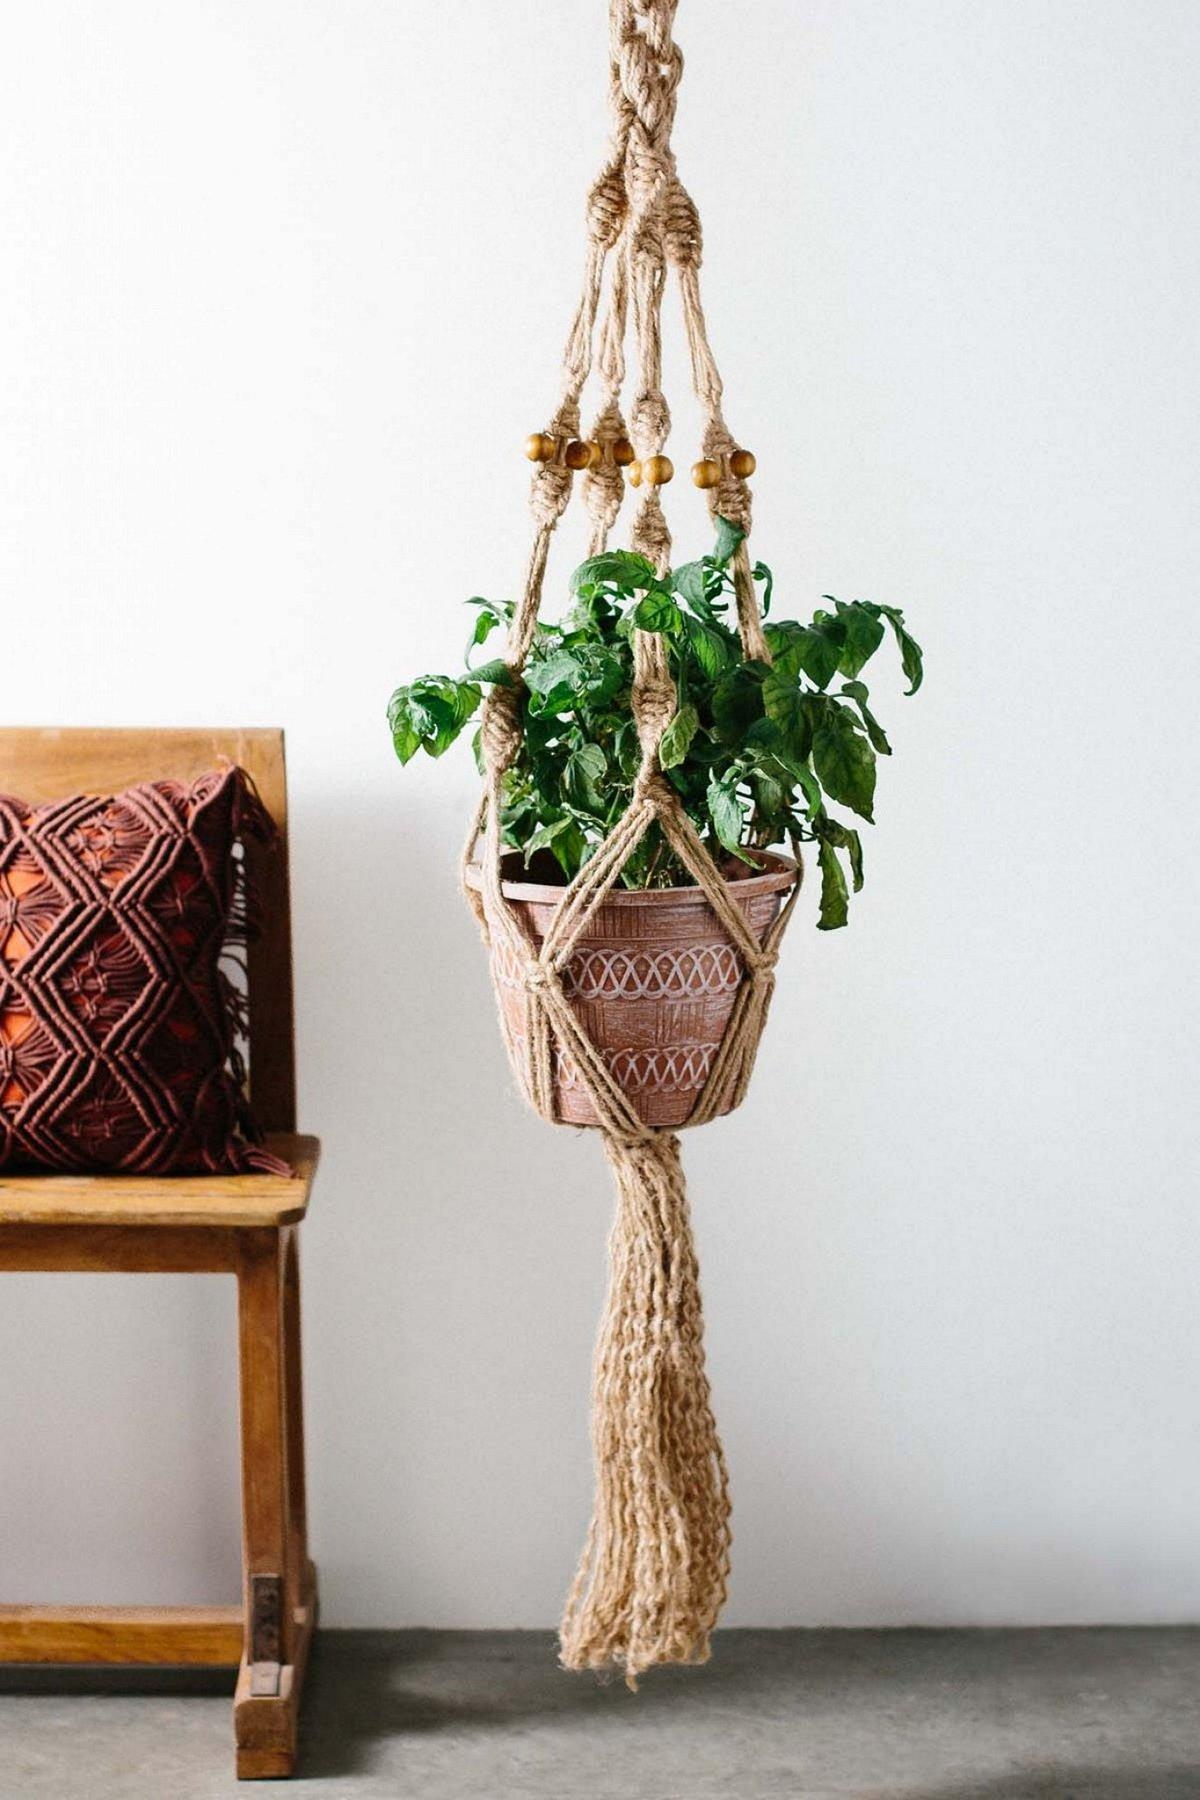 Кашпо макраме для цветов с понятным и подробным описанием изготовления данного изделия своими руками для вашего дома